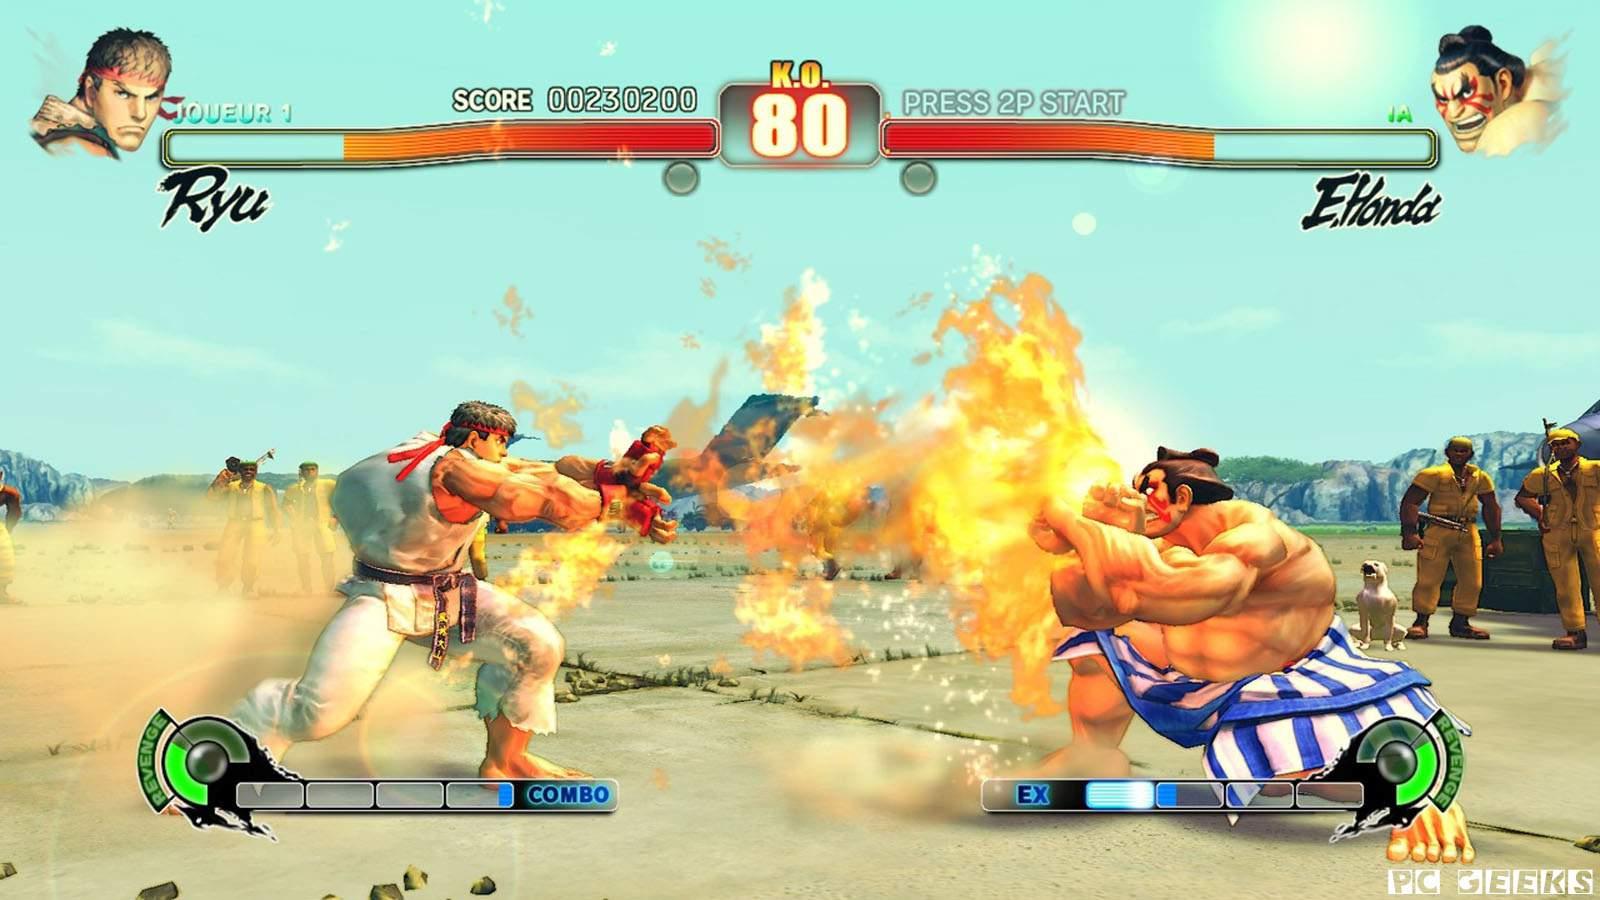 تحميل لعبة Super Street Fighter IV مضغوطة برابط واحد مباشر كاملة مجانا